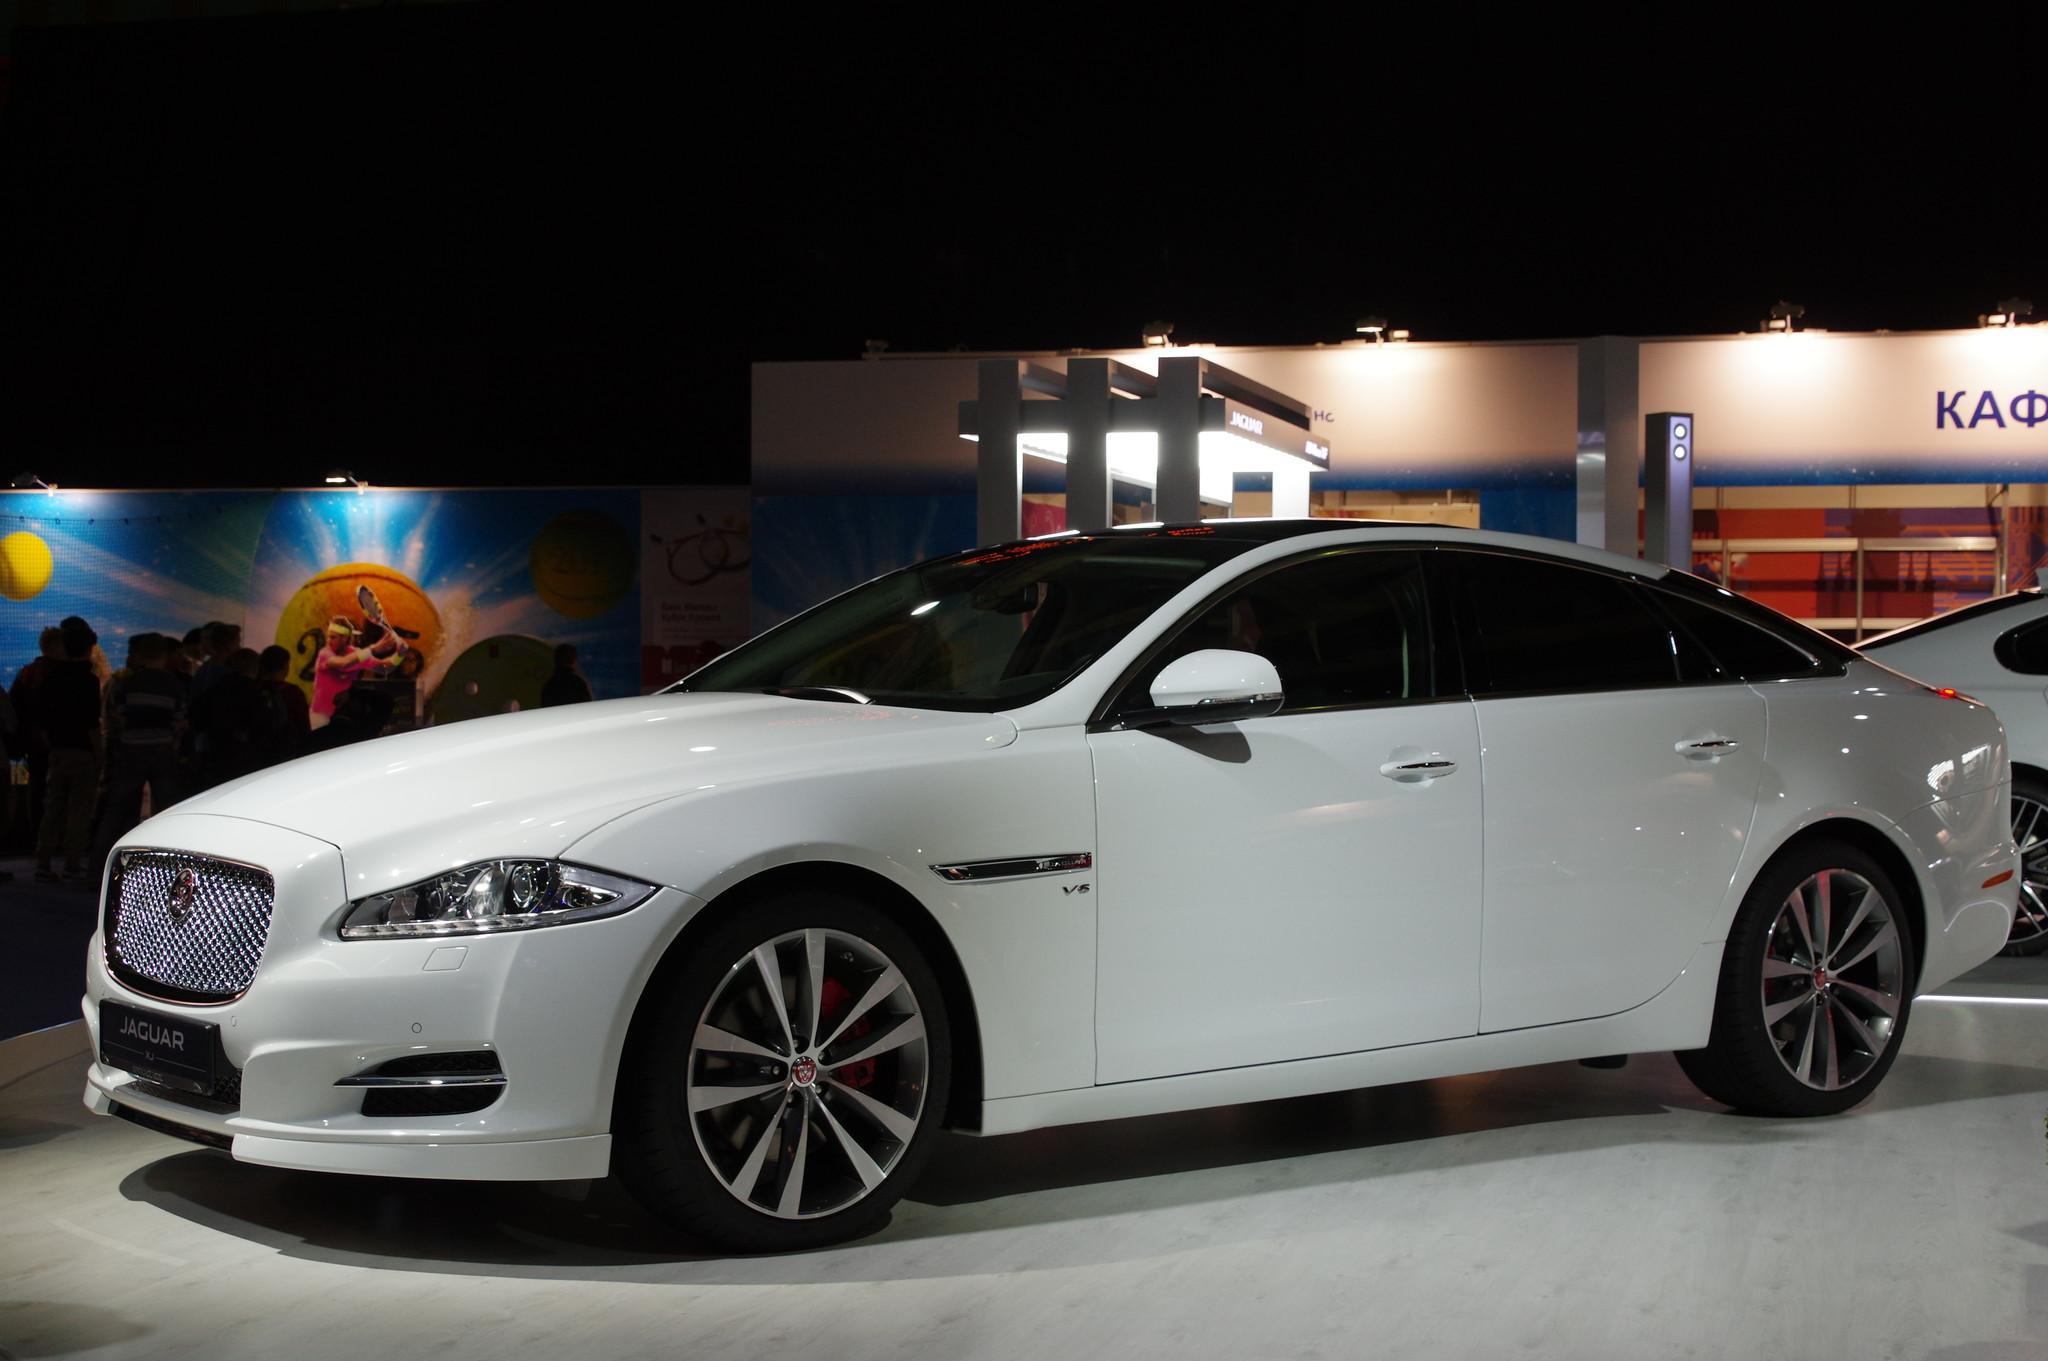 Представительский седан «Ягуар XJ» (Jaguar XJ) в спорткомплексе «Олимпийский»